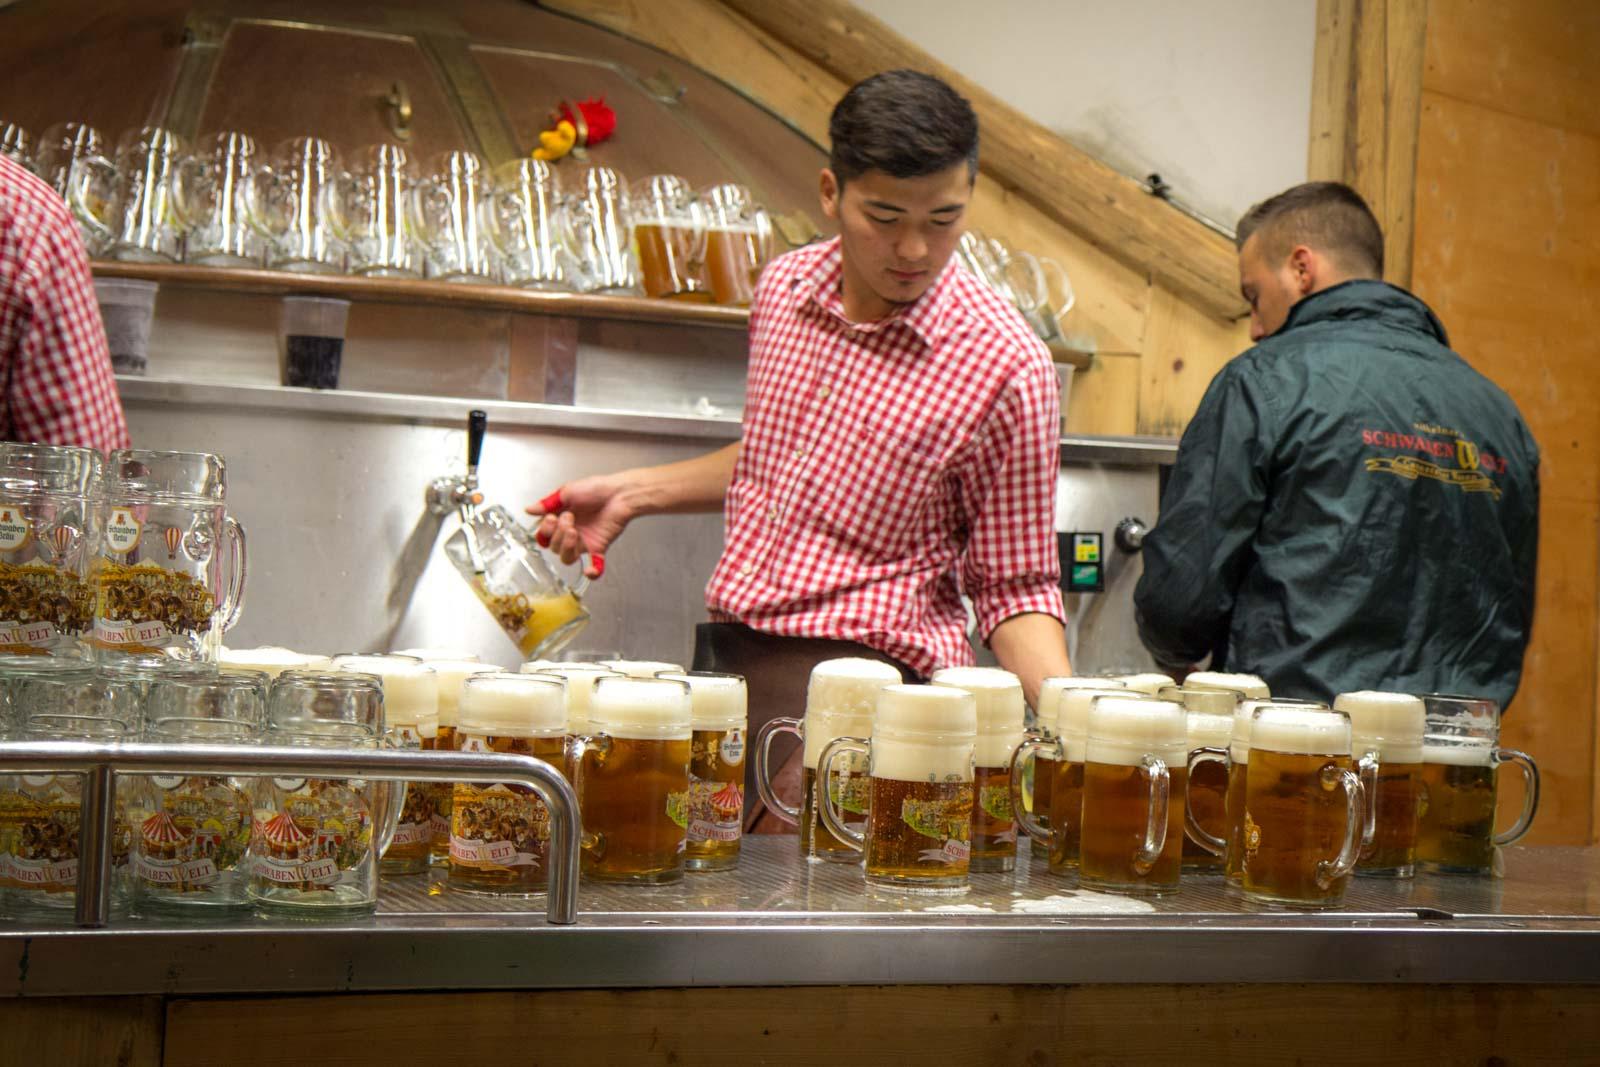 Cannstatter Volksfest, Stuttgart beer festival, Germany